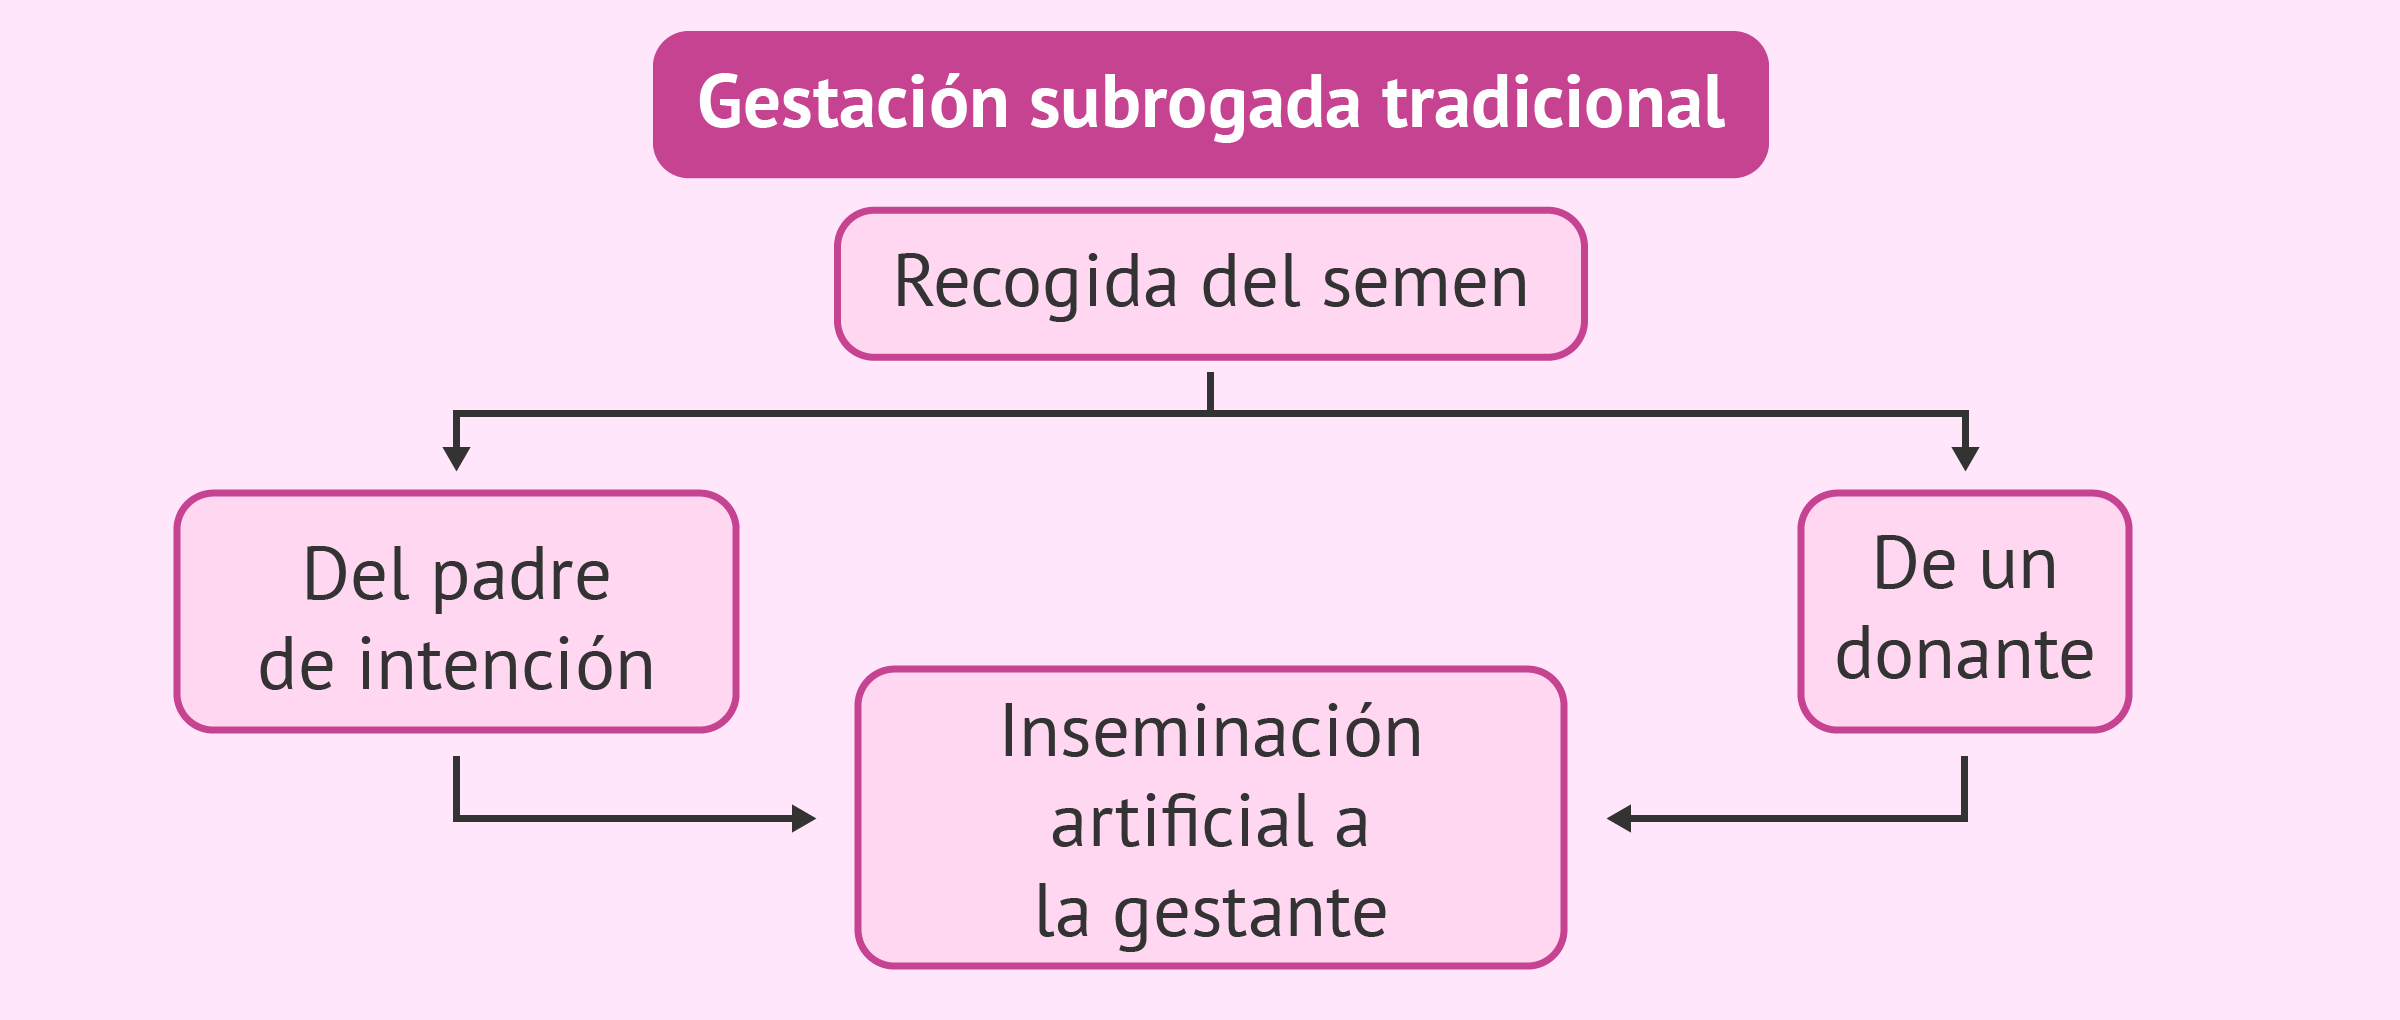 Combinaciones posibles en gestación subrogada tradicional